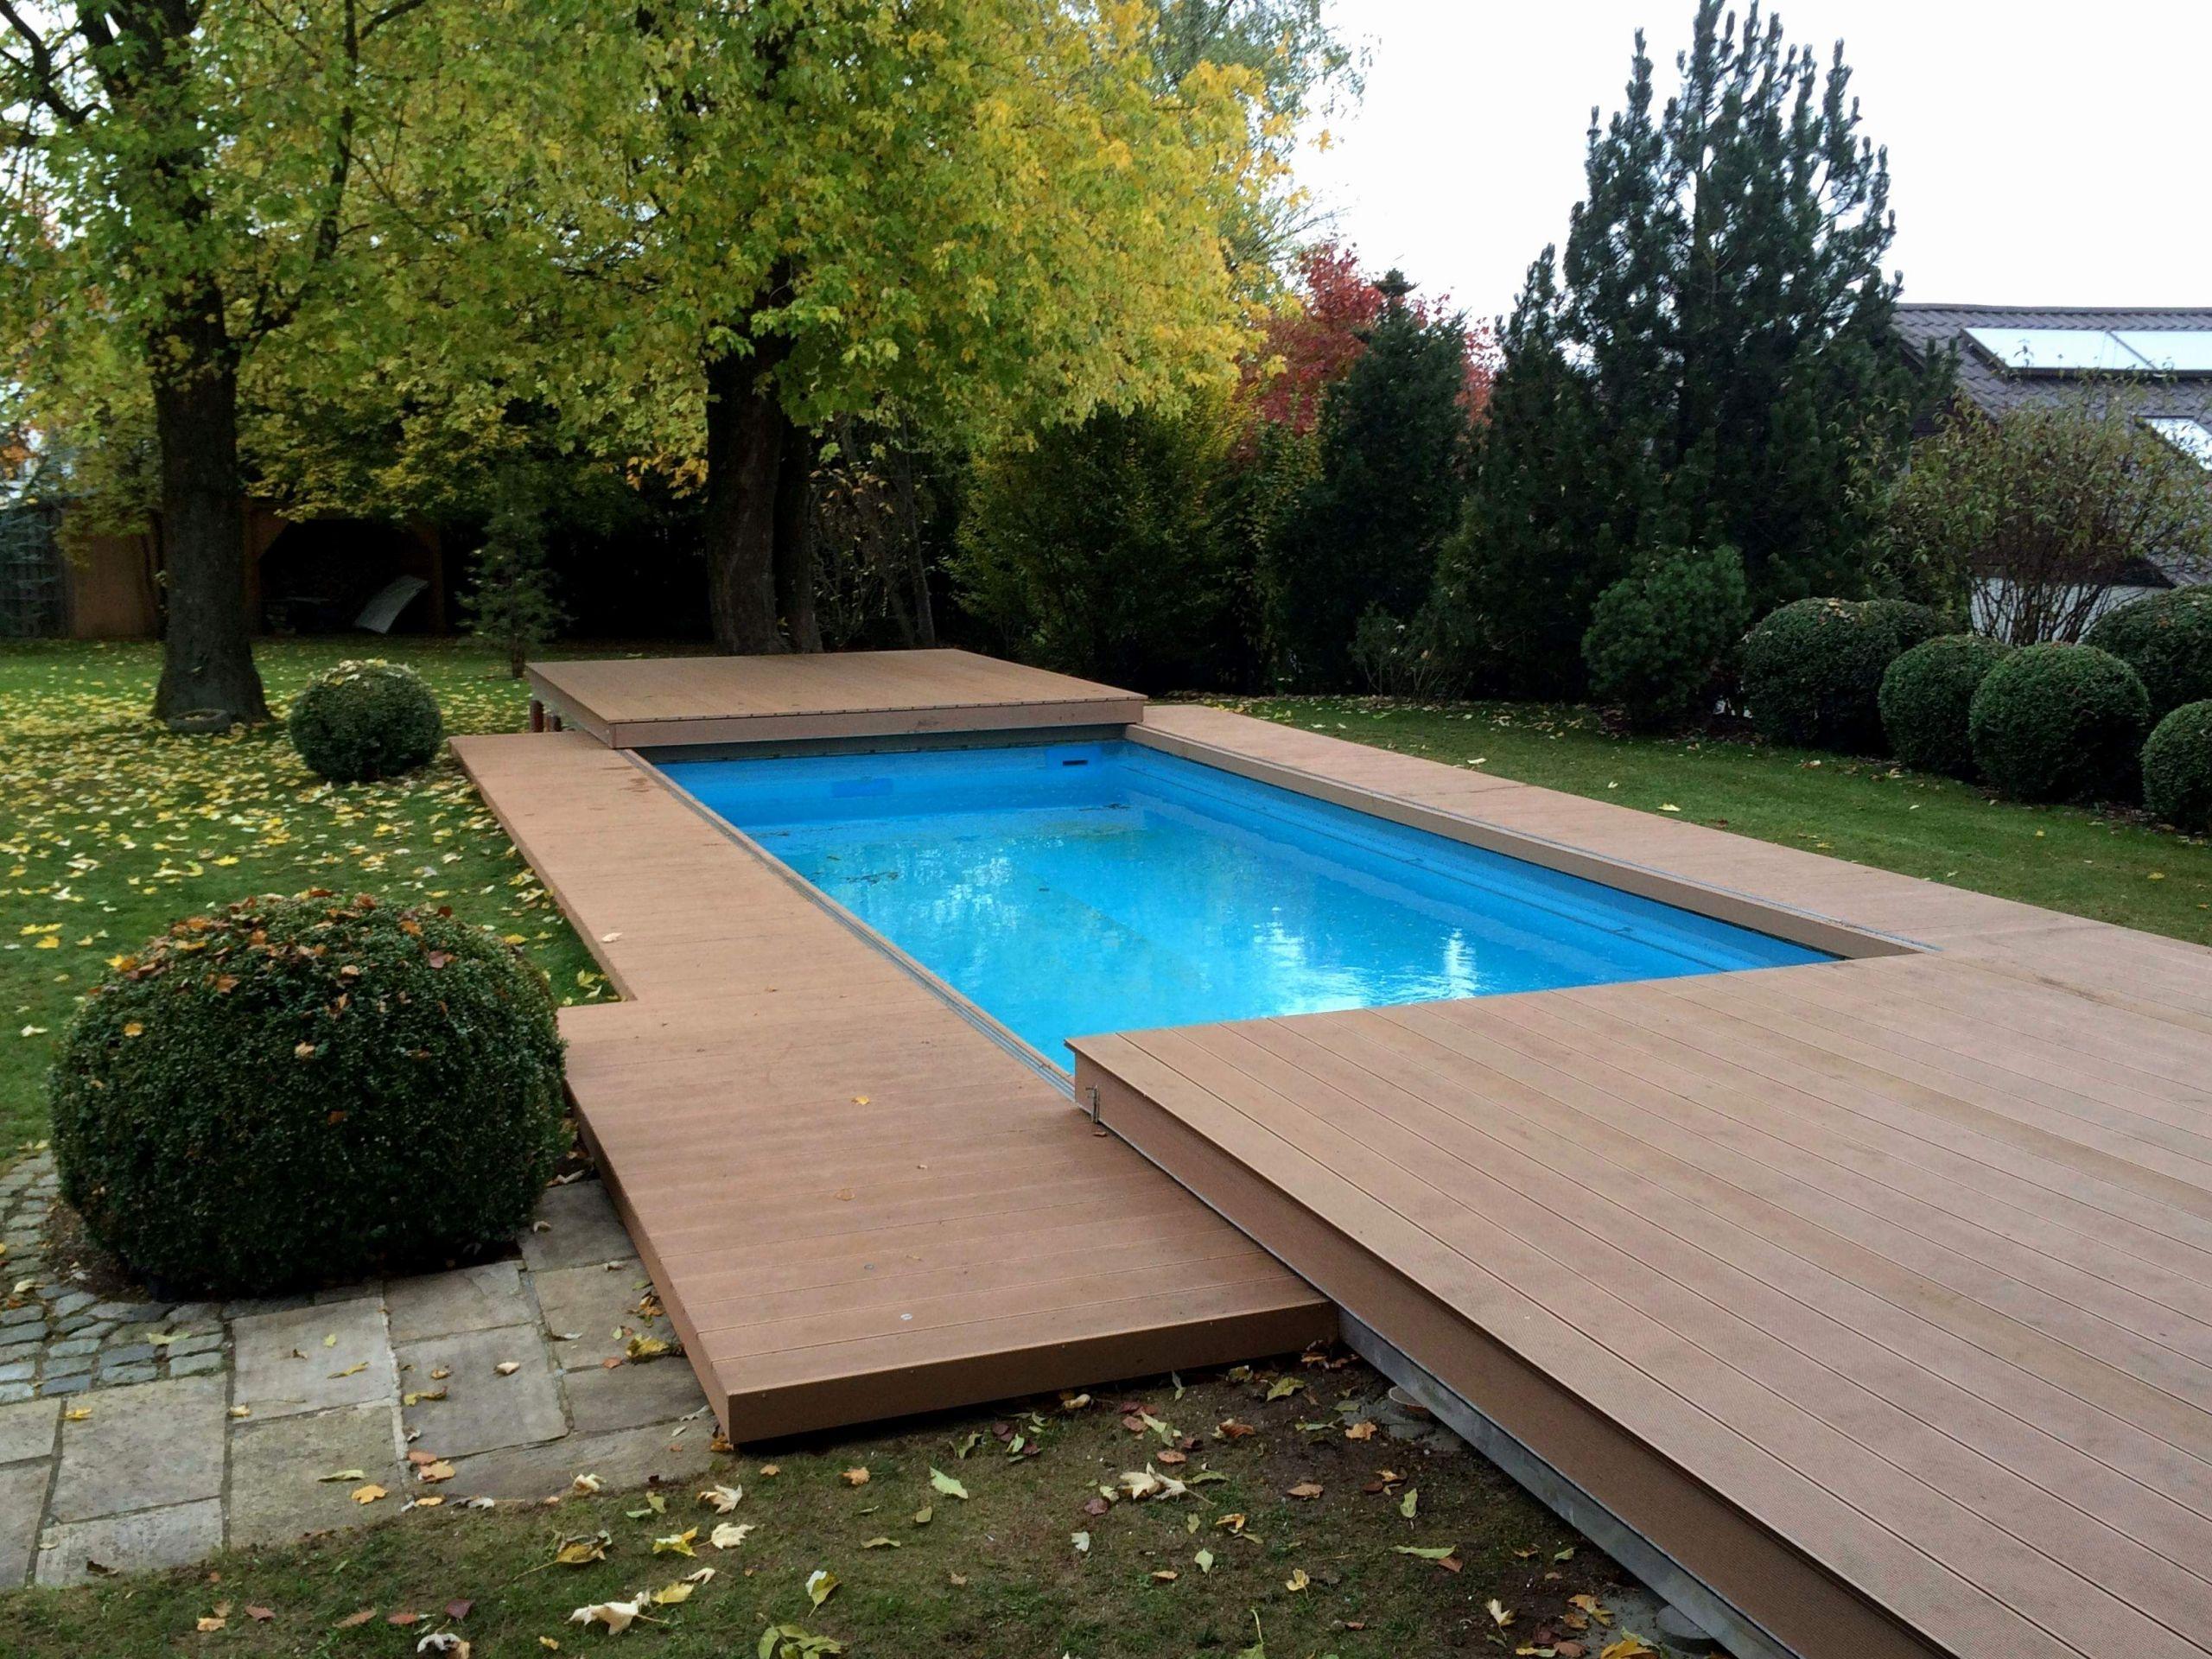 kleinen pool selber bauen schon kleinen pool selber bauen von schwimmingpool bauen of kleinen pool selber bauen